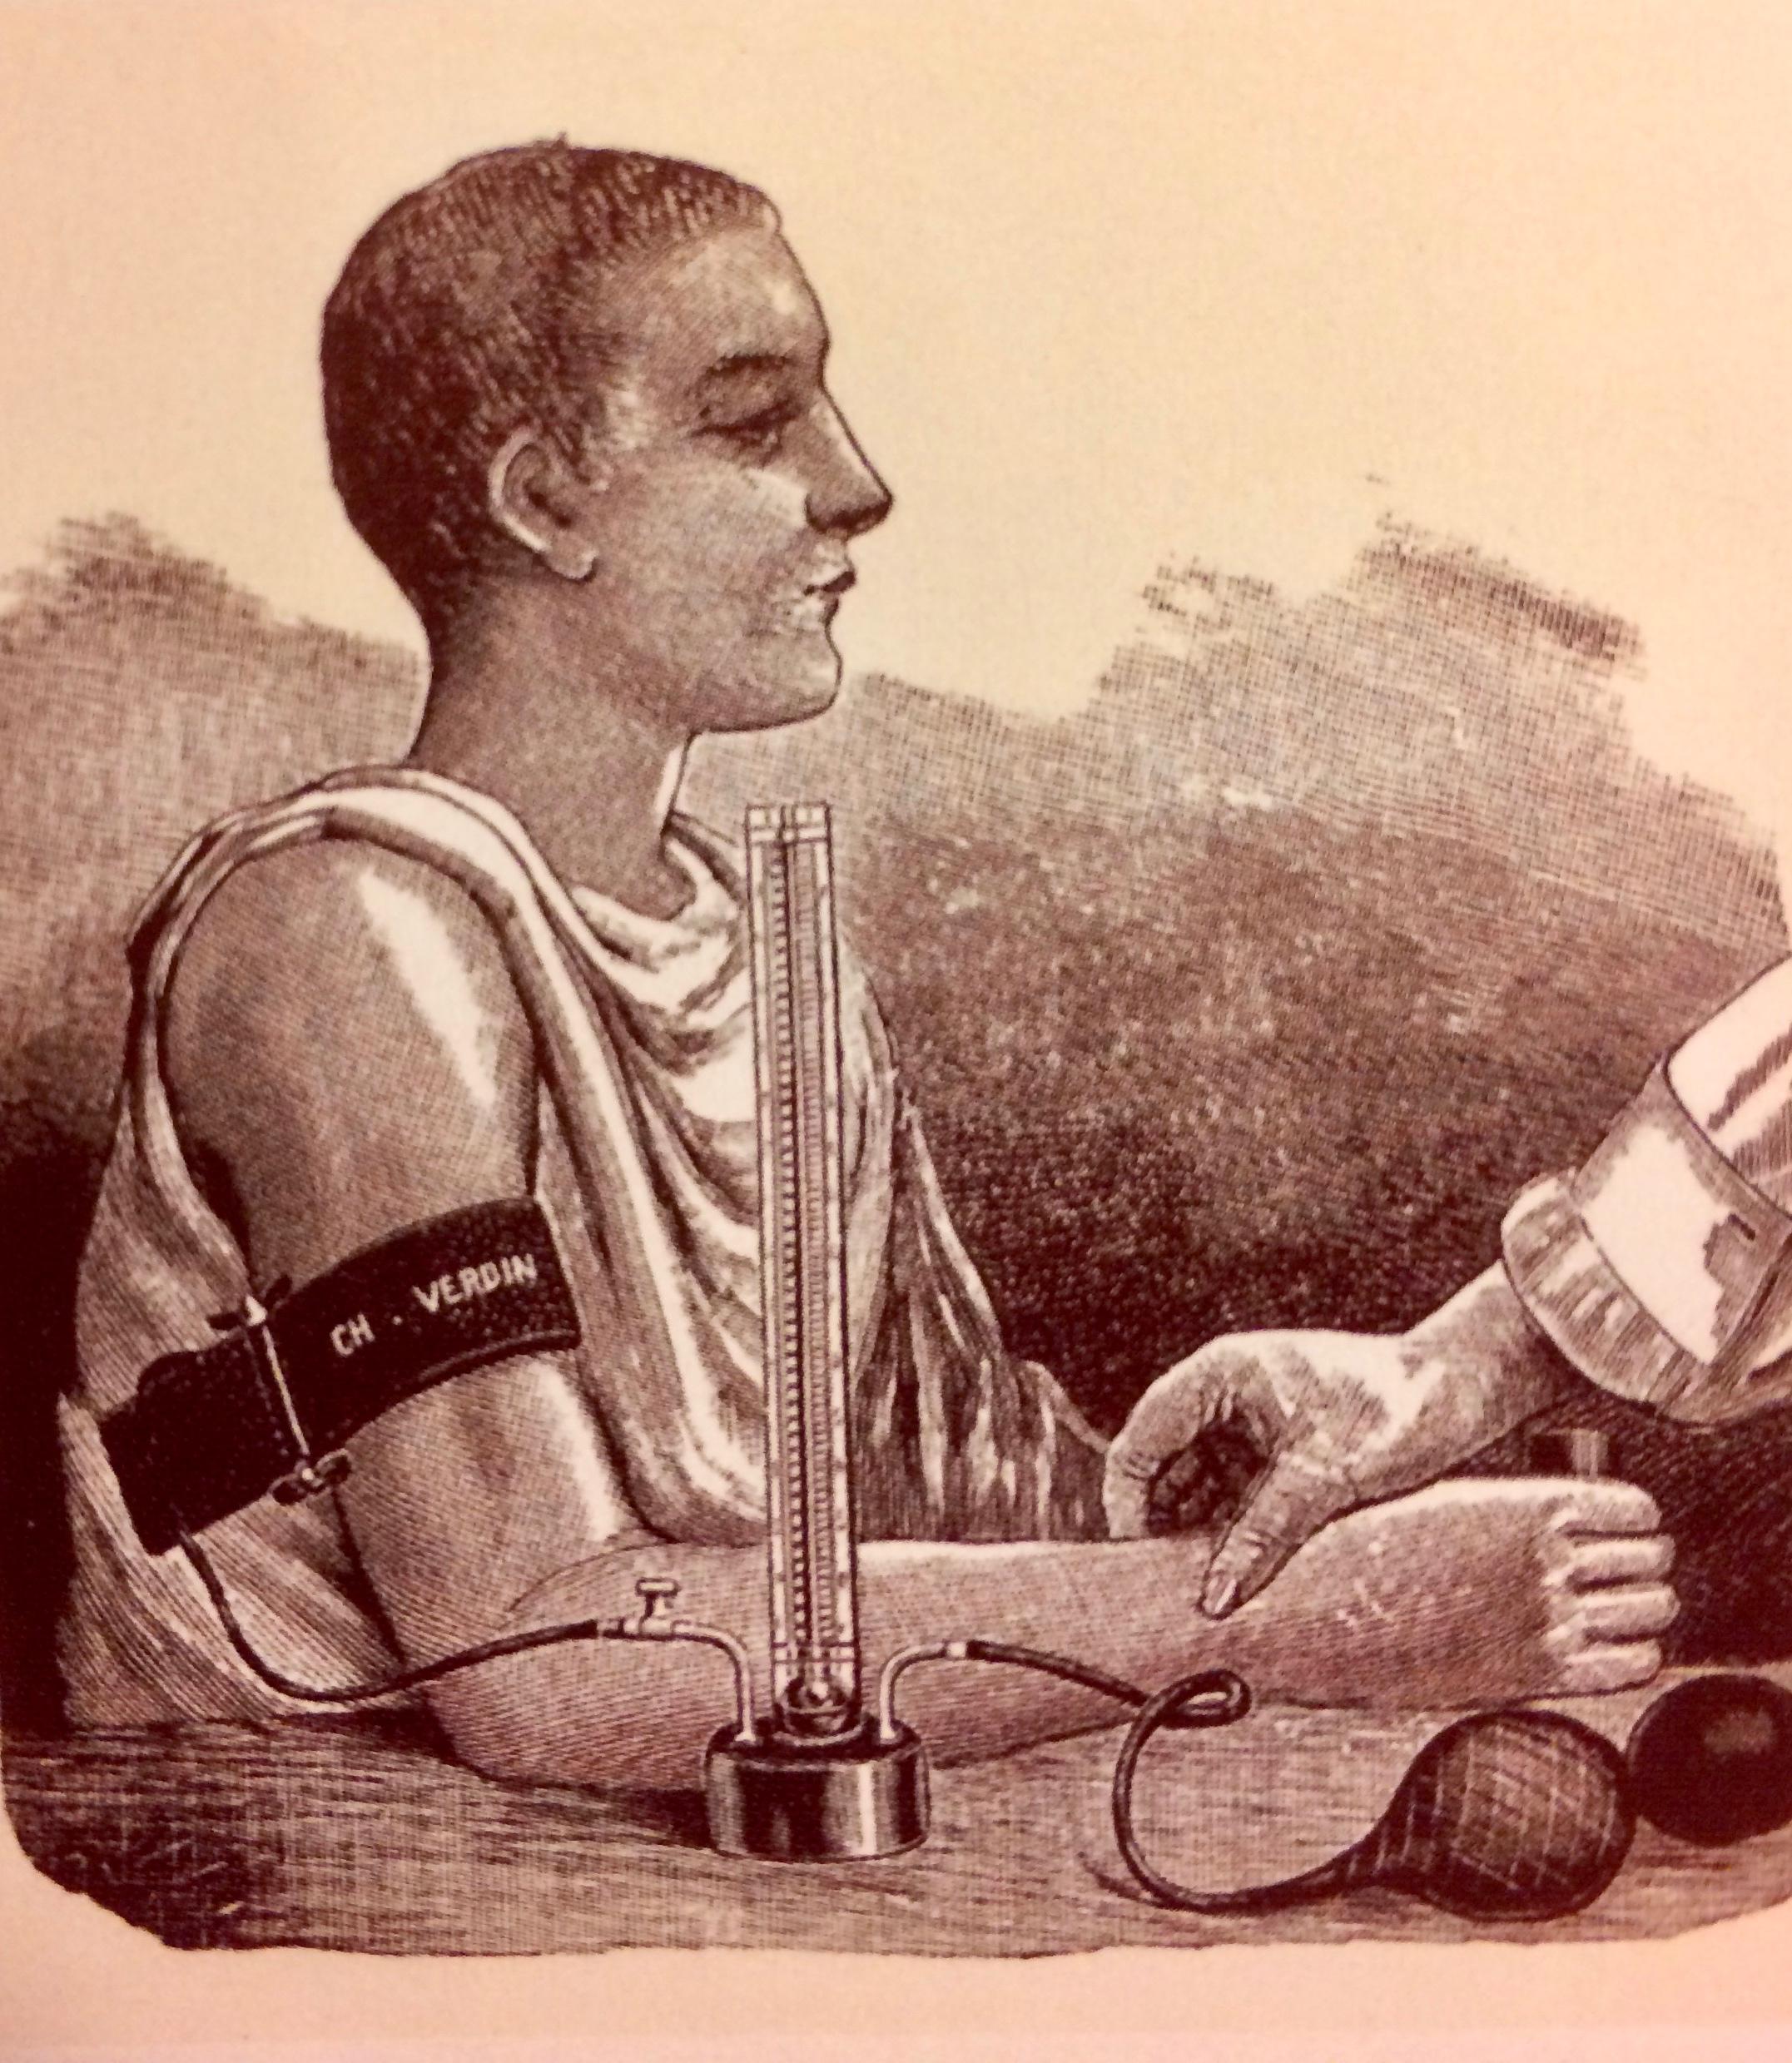 """Riva-Rocci (RR) het den italienske legen som for ca 100 år siden fant opp den morderne måten å måle blodtrykket på, med oppblåsbar mansjett rundt overarmen.Korotkoff het den russiske legen som forbedret RR metoden slik at man målte både et systolisk (overtrykk) og et diastolisk trykk (undertrykk). - Bilde fra """"Druckpunkt 1, 2018"""""""